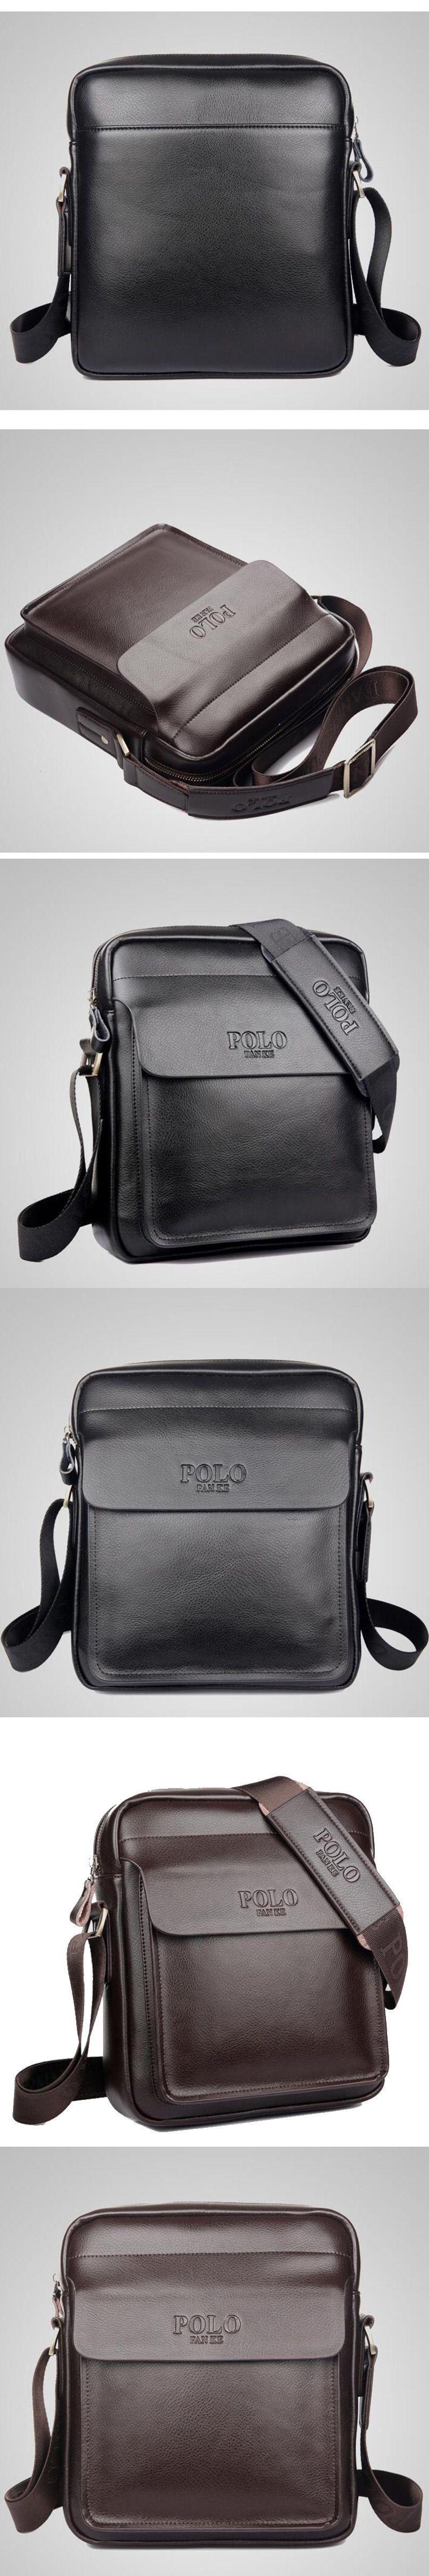 d8bbdf61a606 TOP POWER Men Shoulder bag Genuine leather Men Bag Classical Messenger Bag  Fashion Casual Business Shoulder